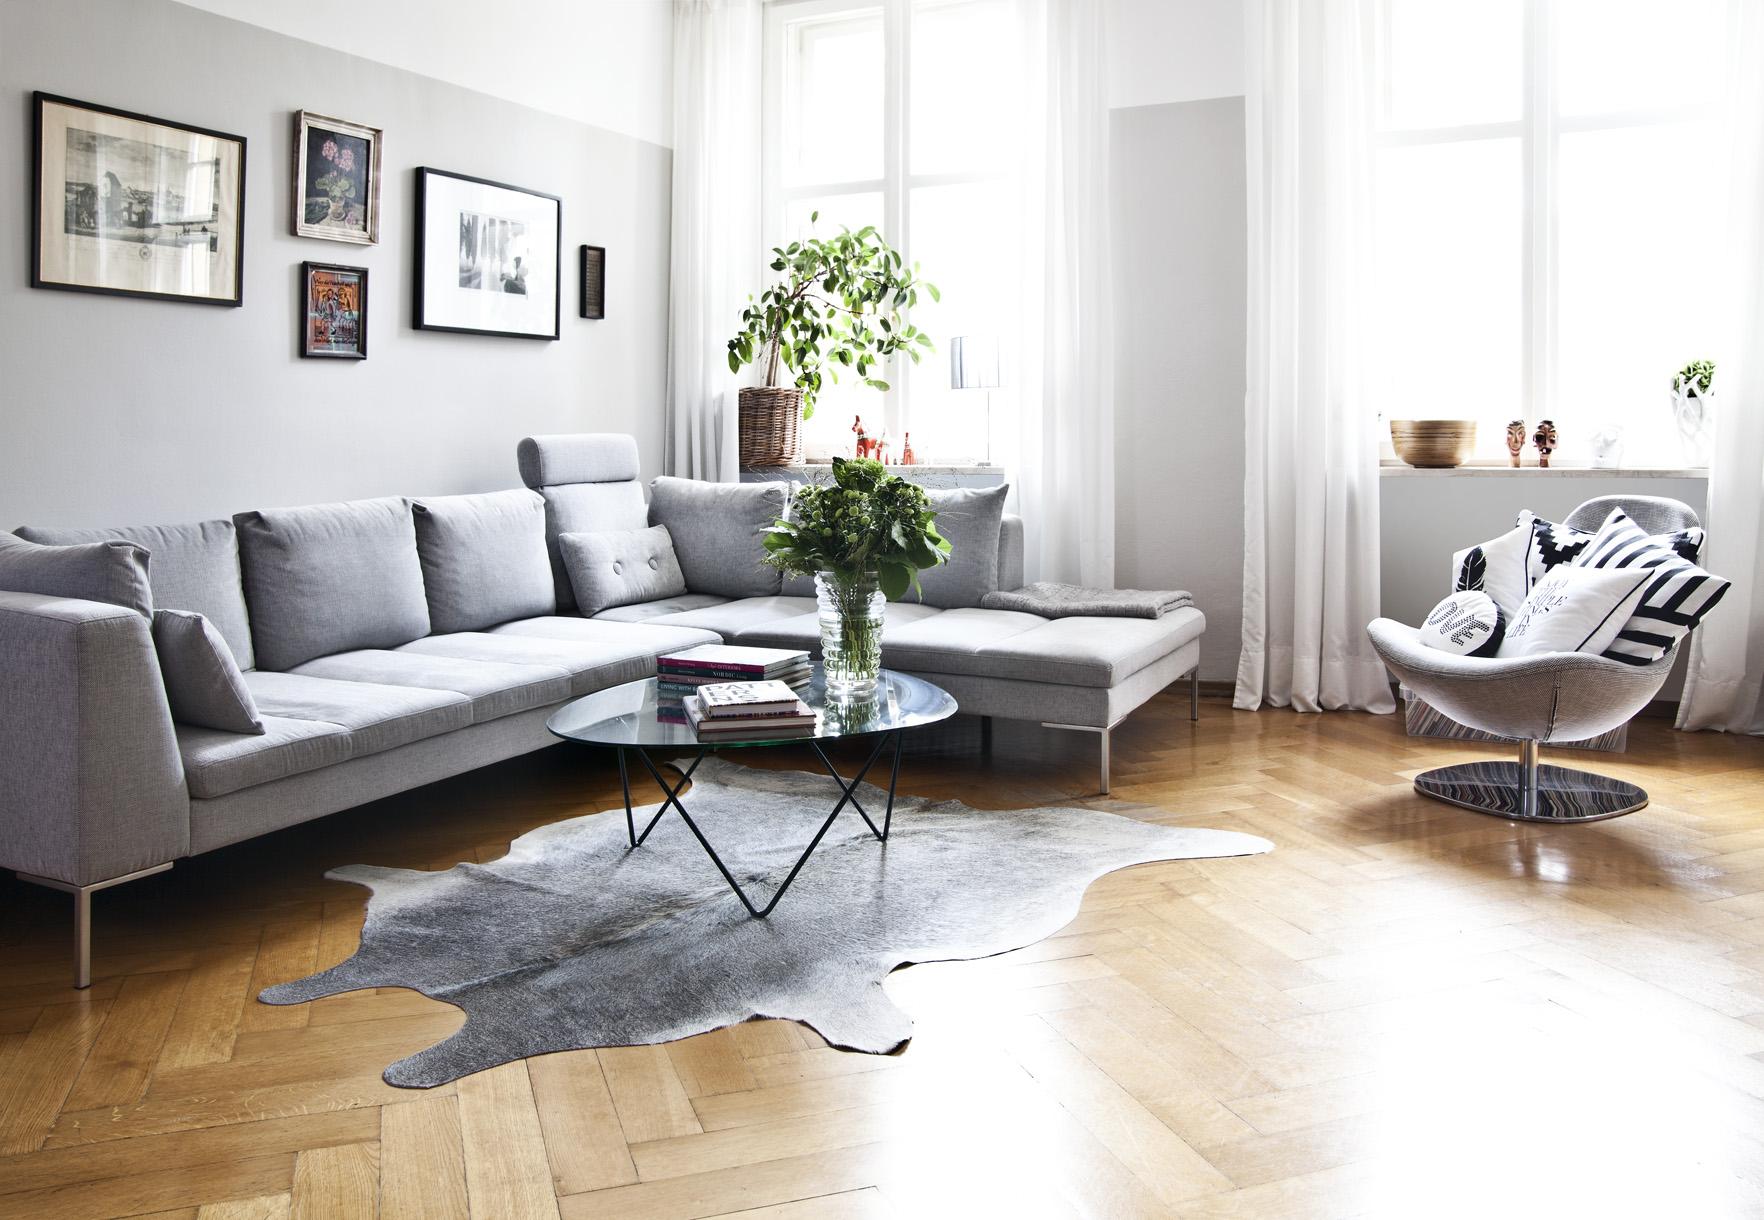 10ideas To Steal From Scandinavian Style Interiors  ITALIANBARK    Interiordesignblog (